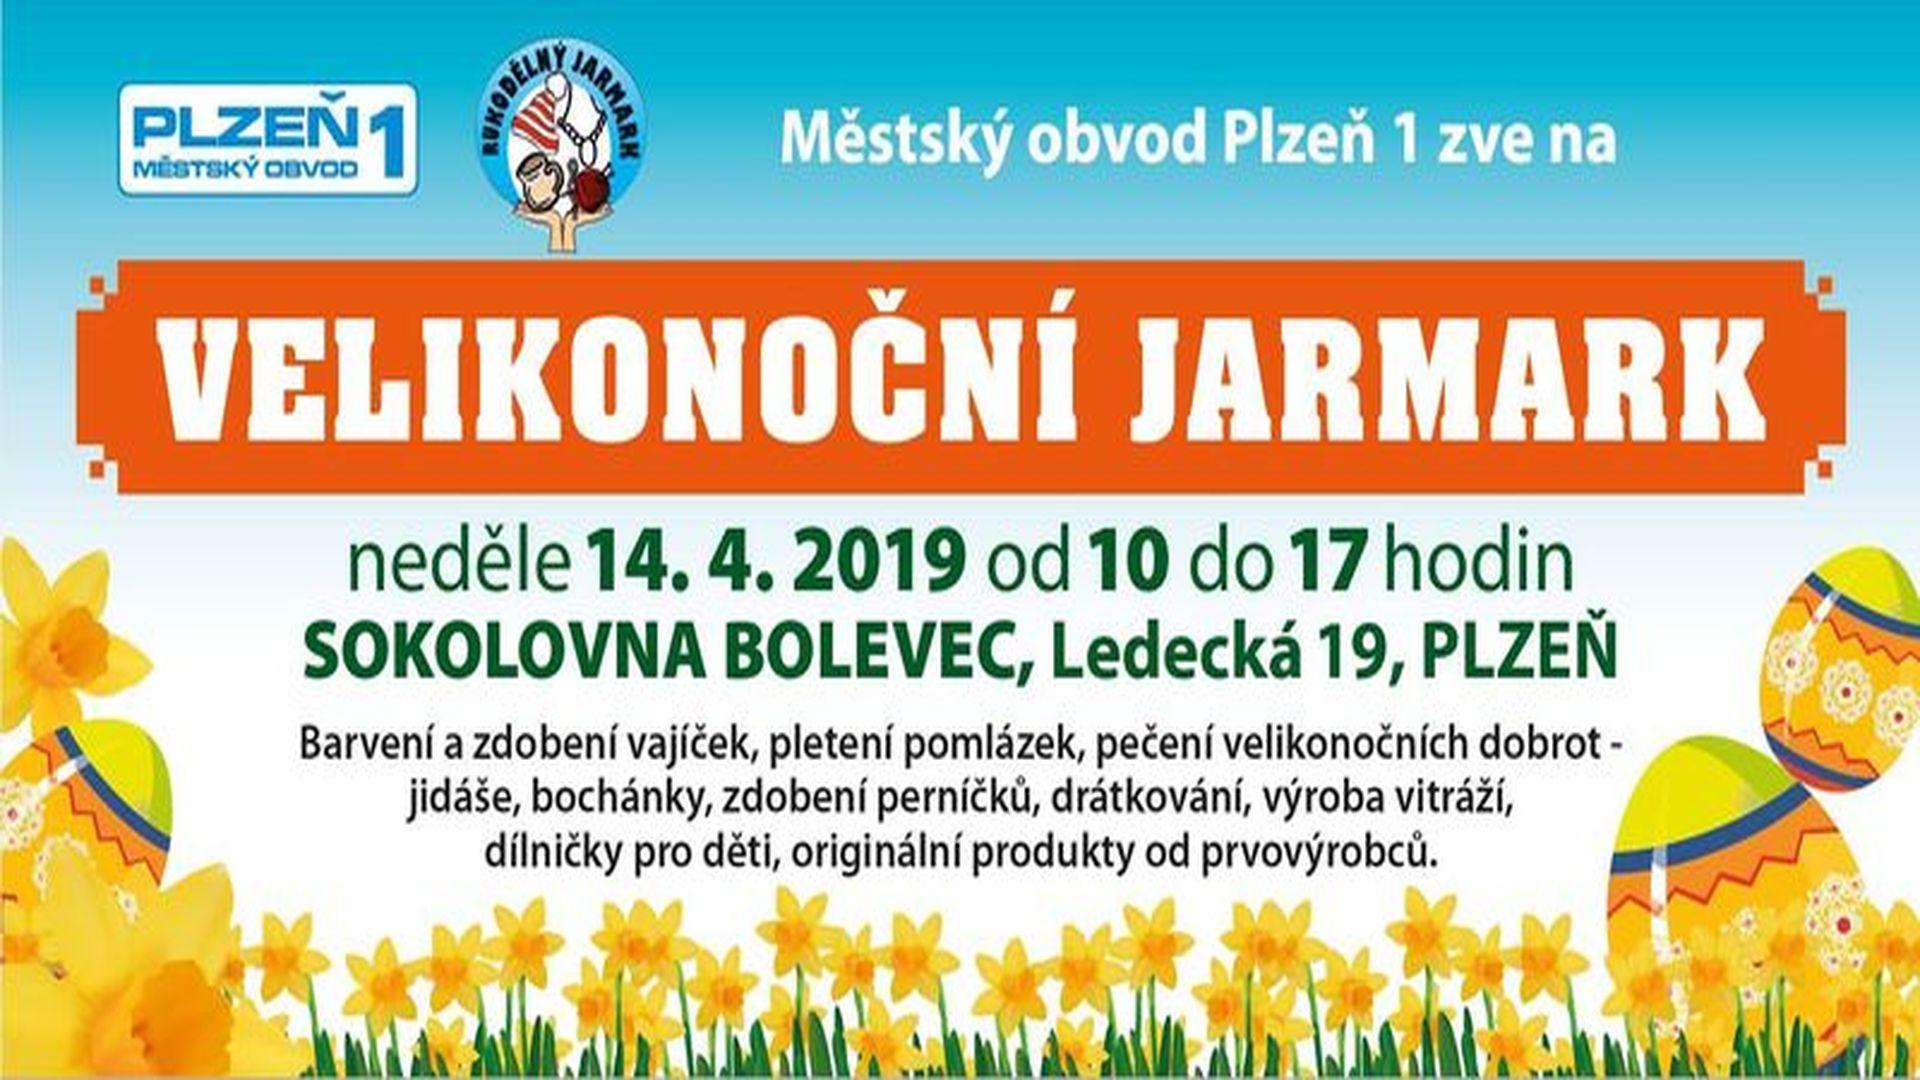 Sokolovna Bolevec Velikonoční jarmark Plzeň